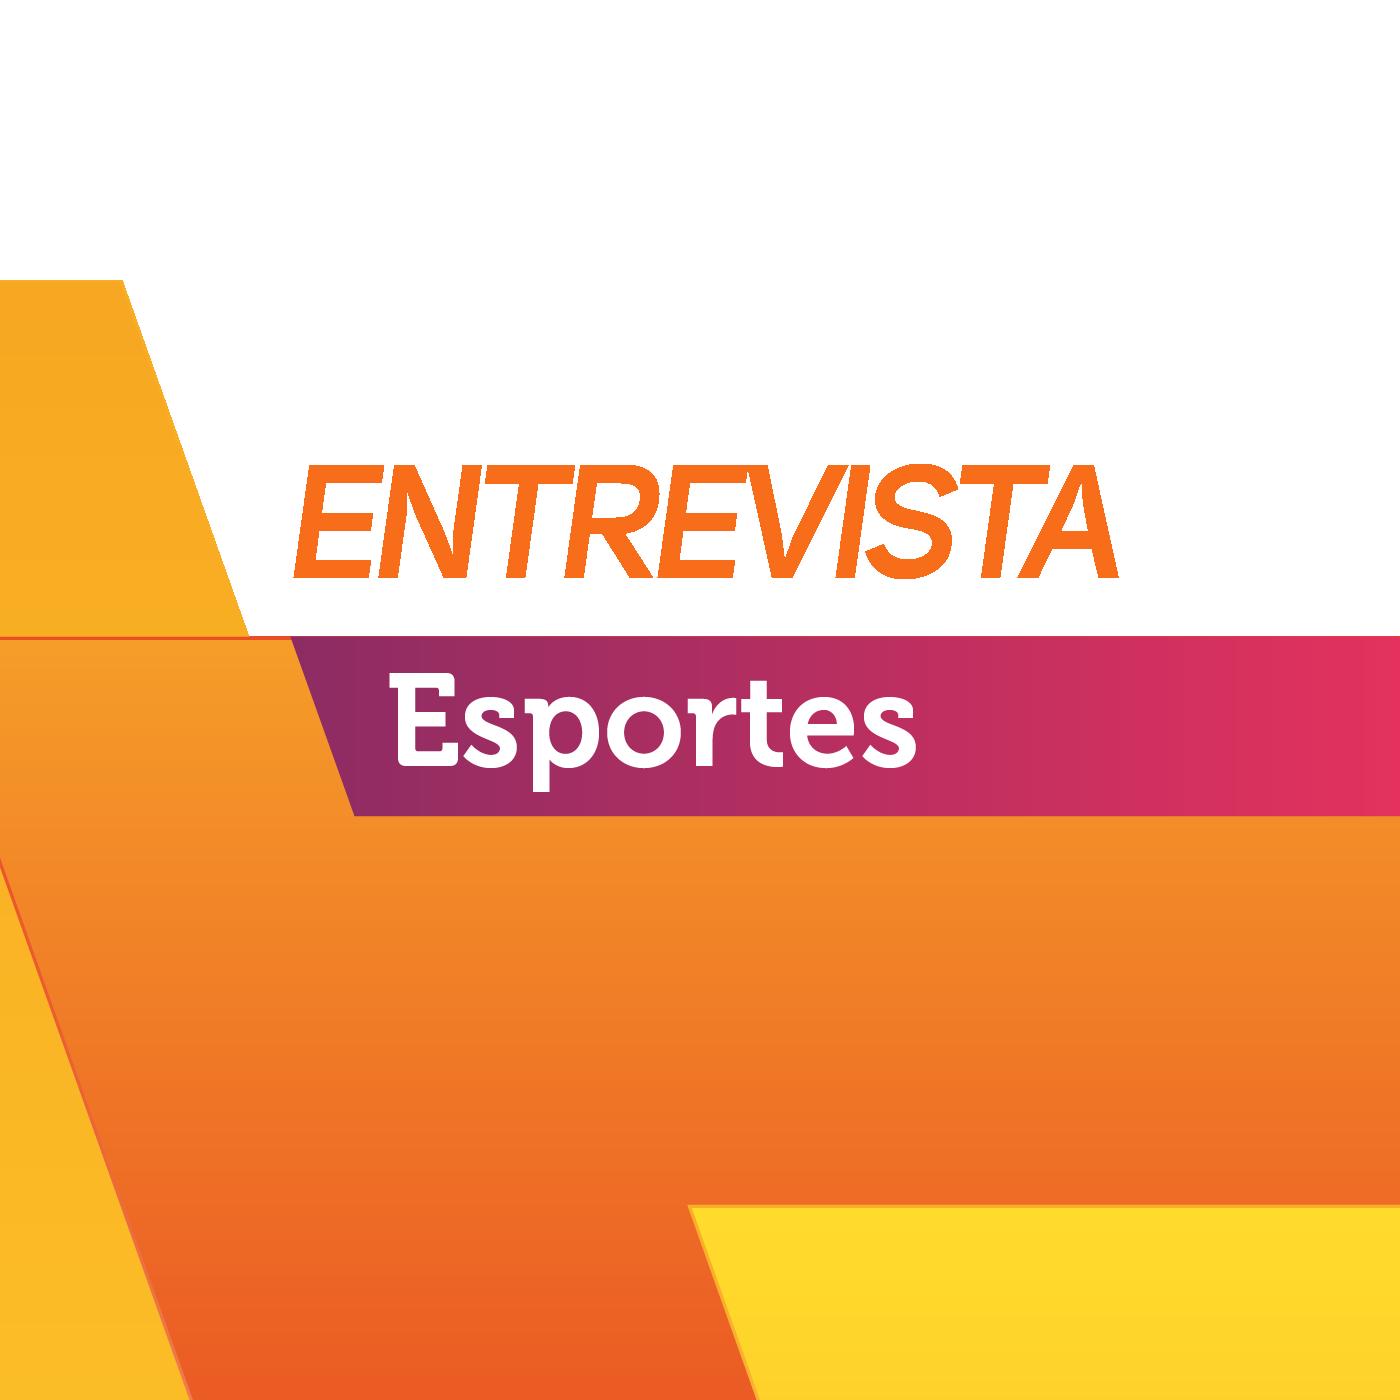 Estudio Gaucha Debate Possivel Extinção Da Secretaria De Esportes De Porto Alegre